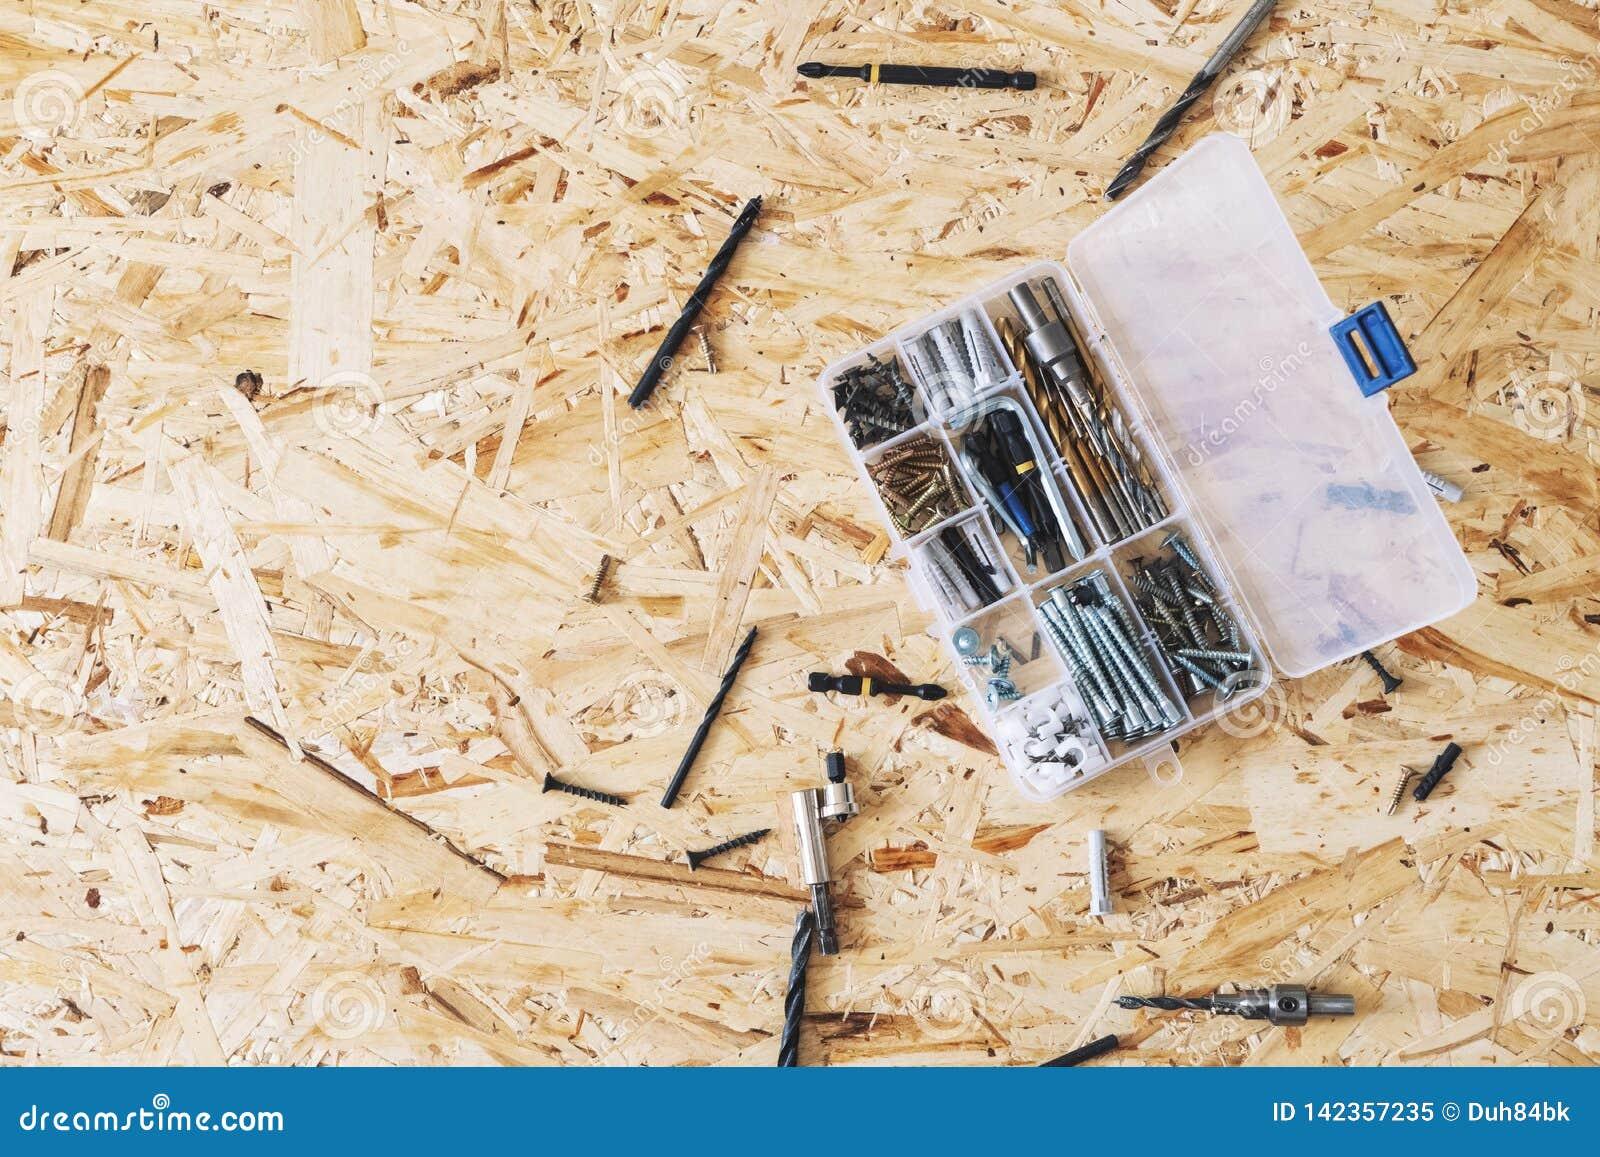 Organizador transparente plástico com parafusos, passadores, brocas, bocados no fundo do OSB